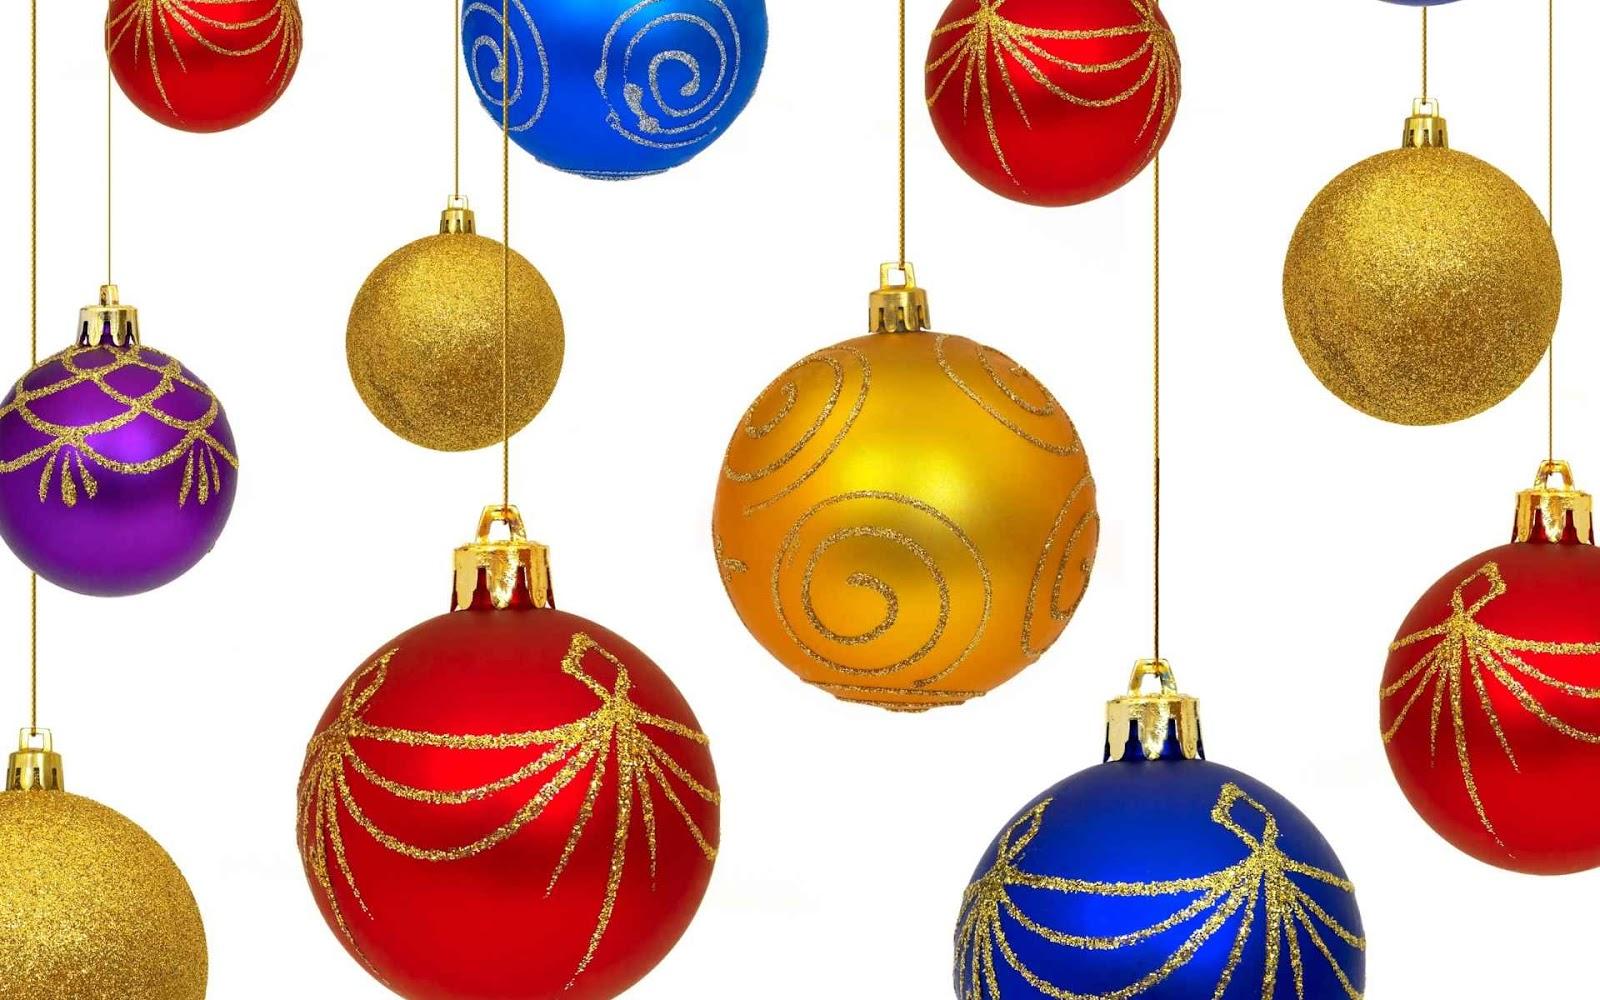 Aqui Hay Imagenes Bonitas De Navidad Para Fondo De: Fondo De Pantalla Con Las Bolas De Navidad 2012